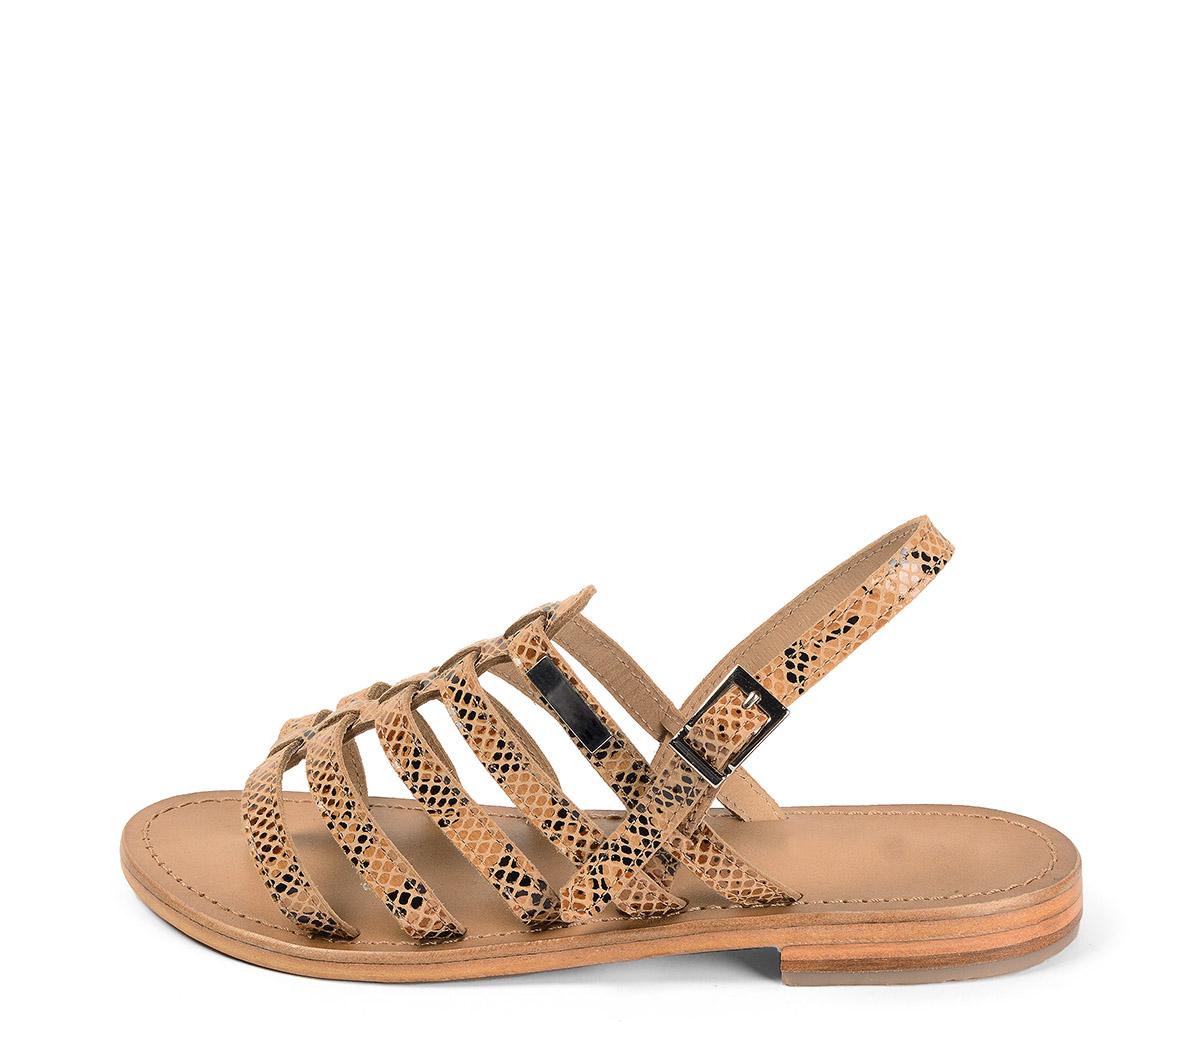 Ref. 3985 Sandalia piel marrón con grabado serpiente beige. Tipo romana. Con tira al tobillo y hebilla plateada. Plantilla de piel.